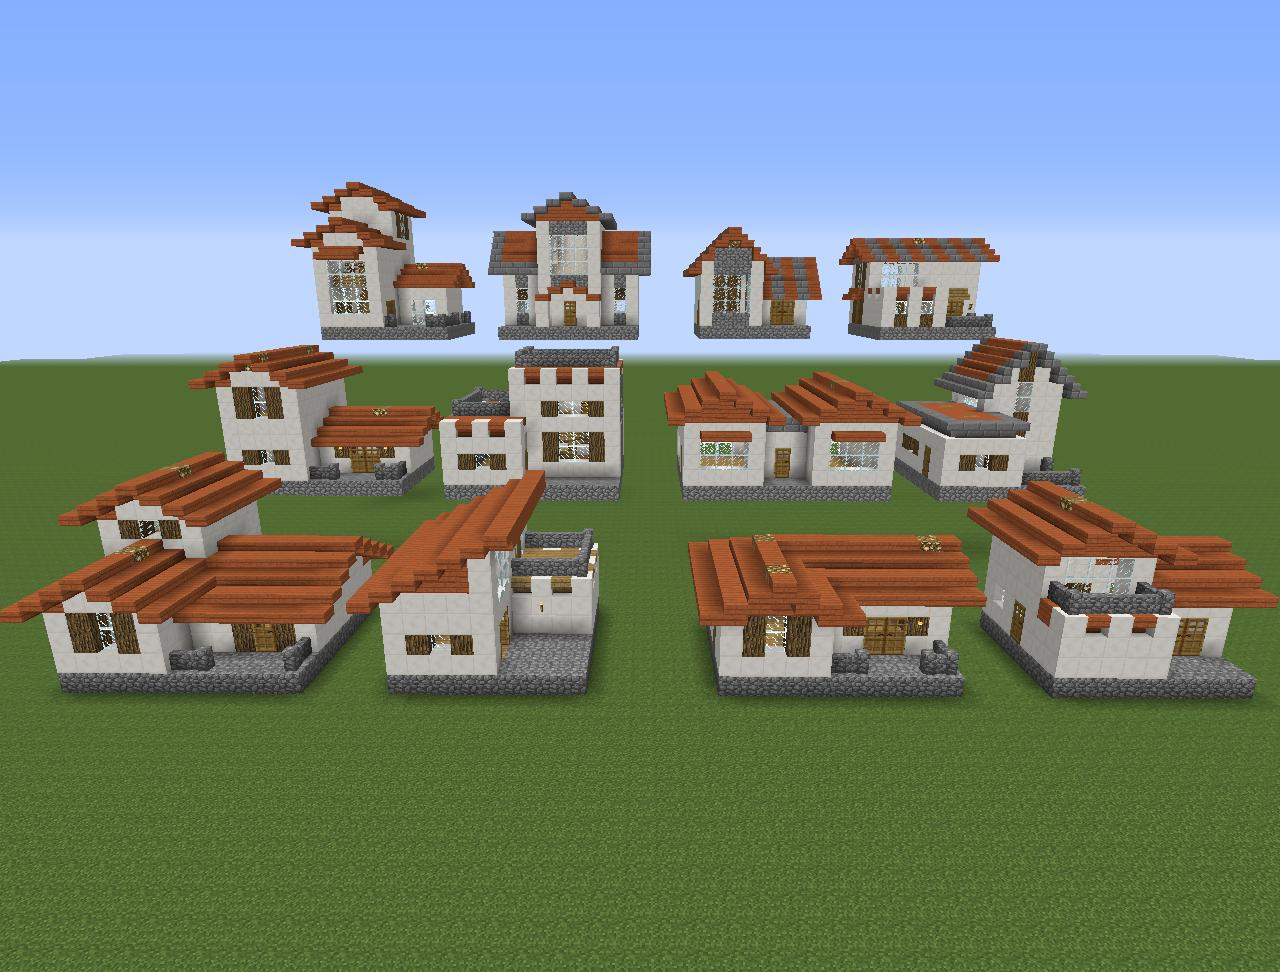 Npc village buildings by coltcoyote on deviantart apps directories - 12 House Designs X 2 Building Styles 24 Unique Houses